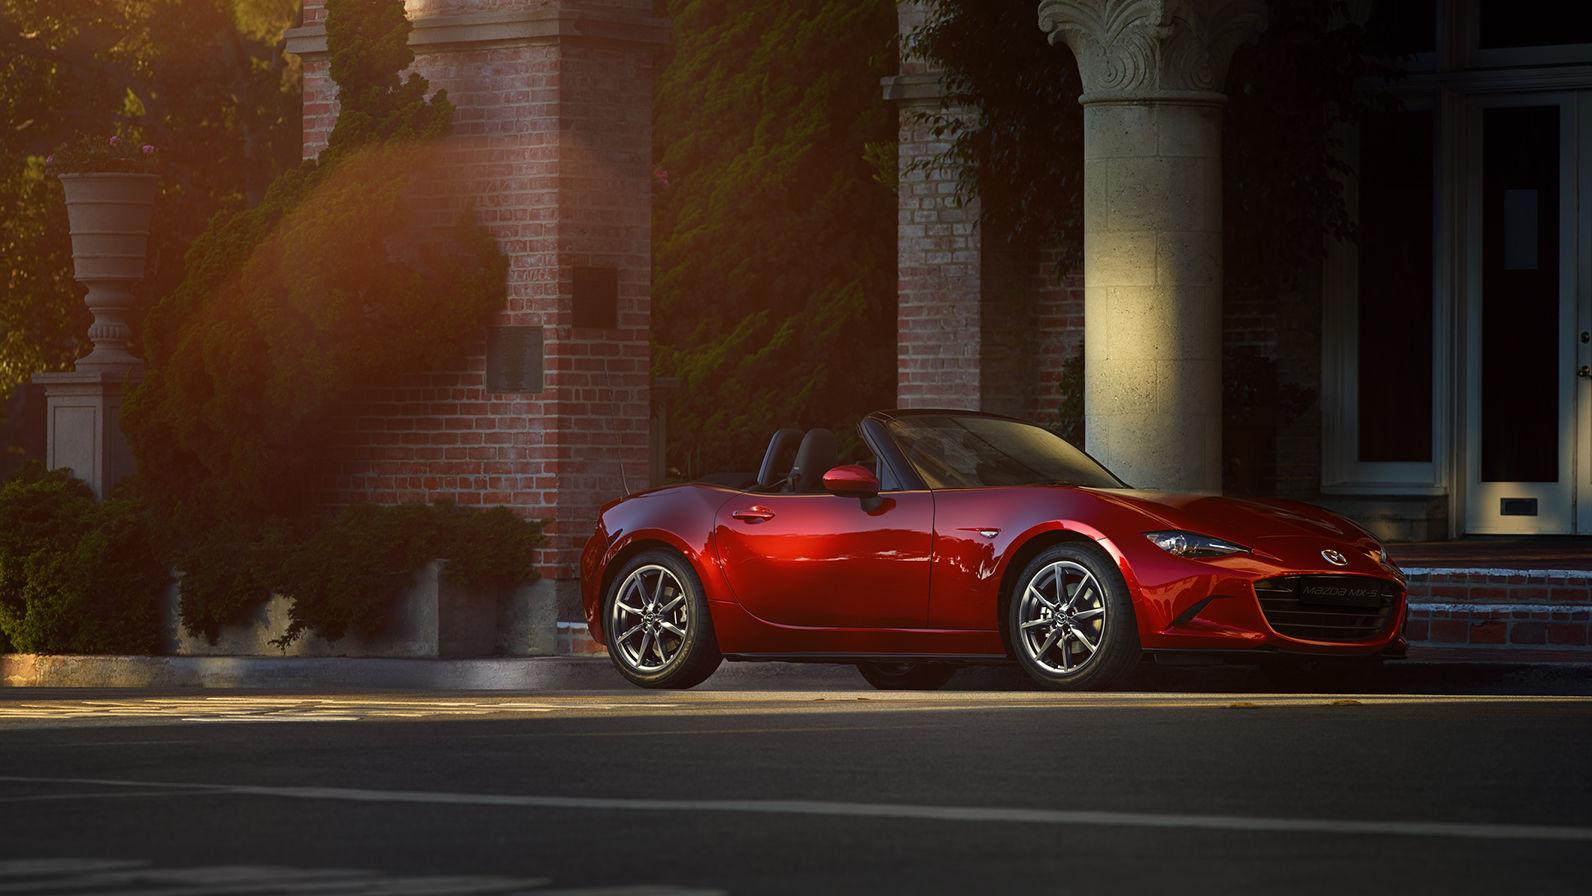 Kramer Mazda | The Kramer Mazda Sales Experience Picture 2